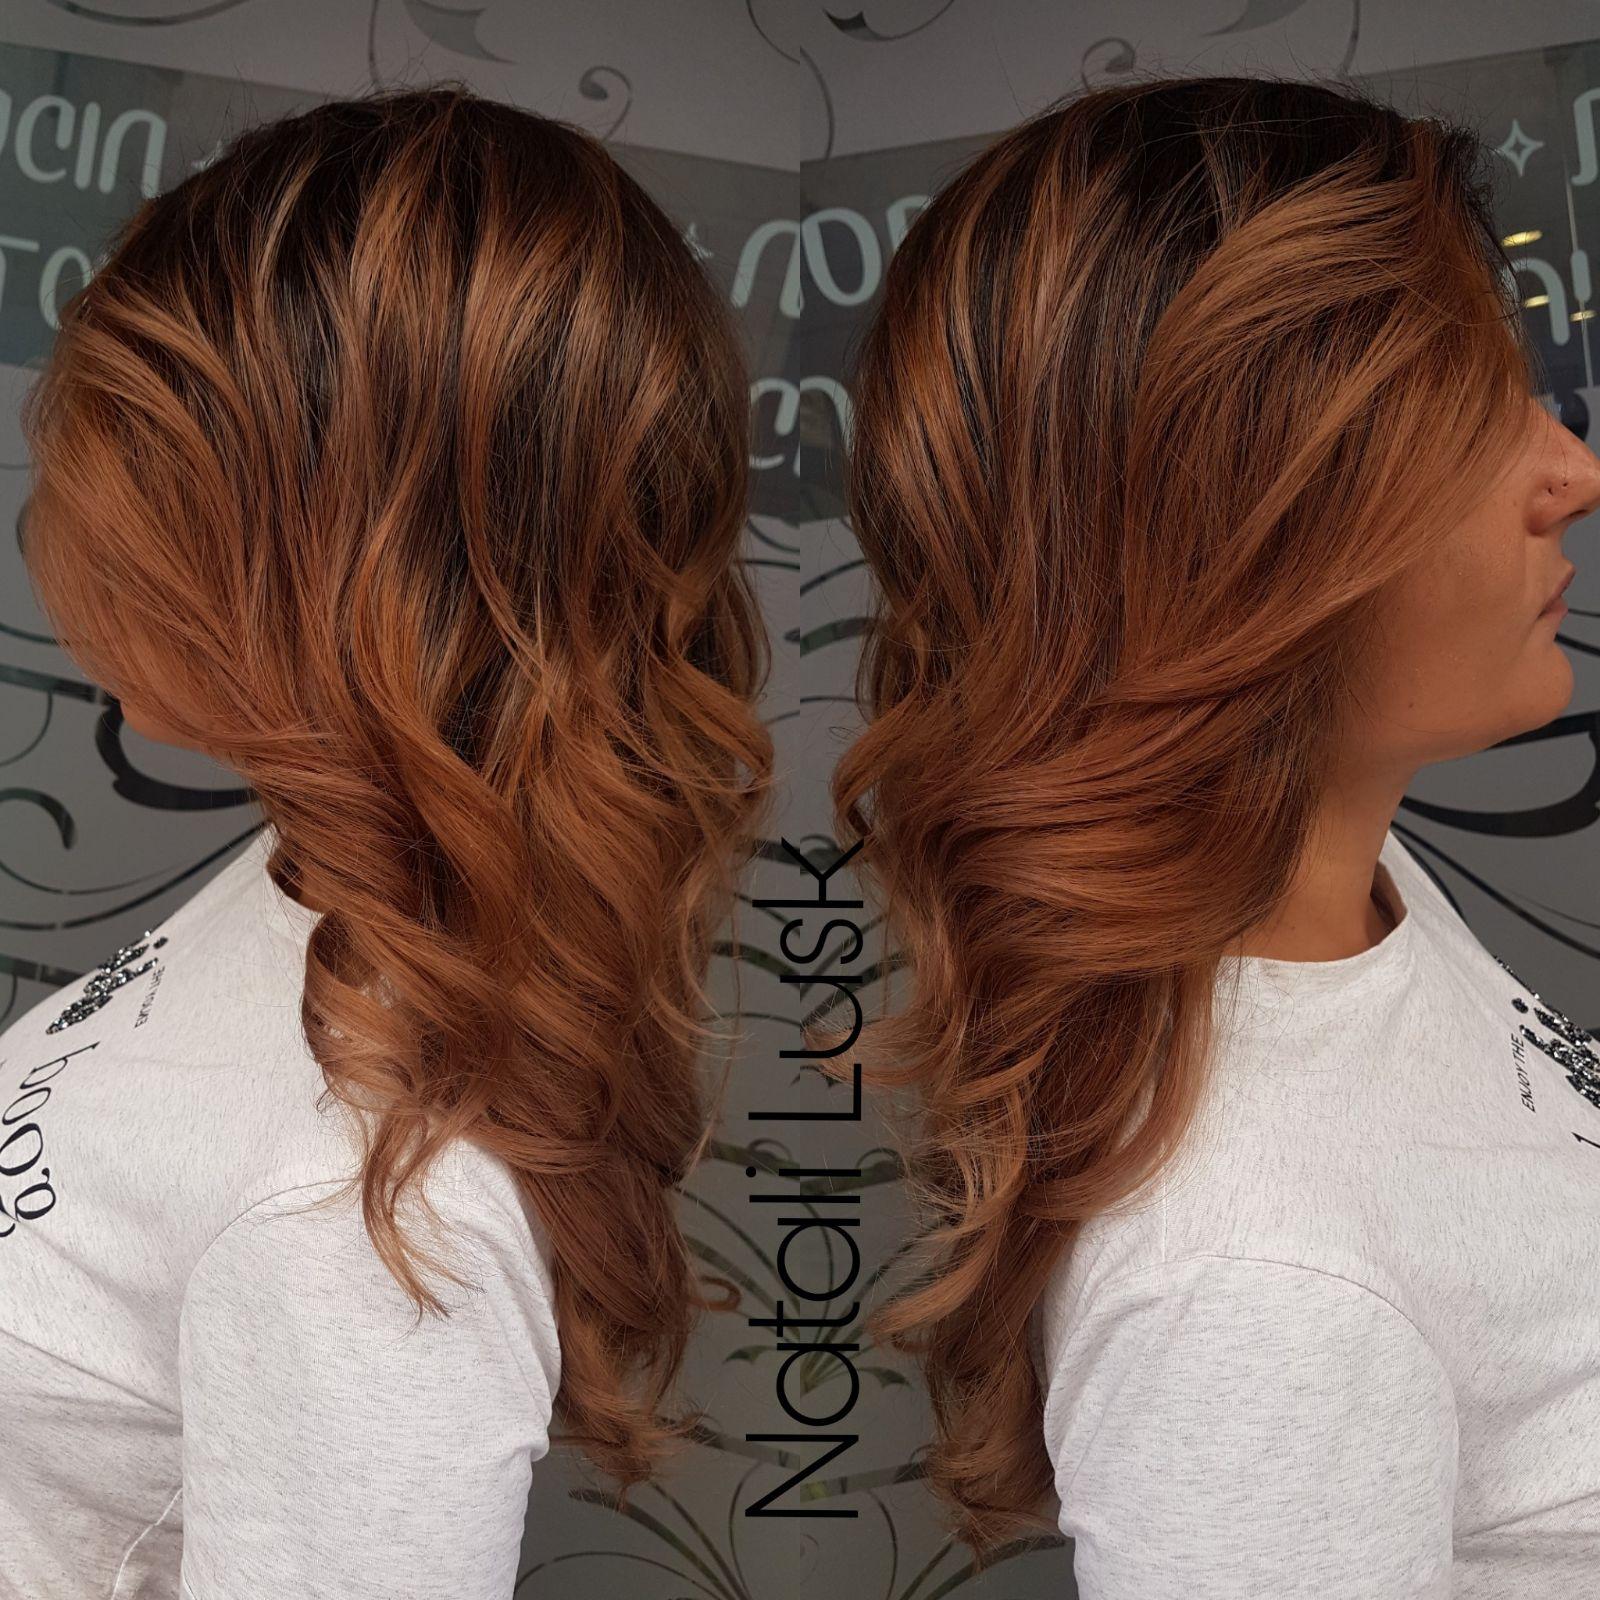 צבע שיער טבעי מקצועי בקרית אתא נטלי לוסק